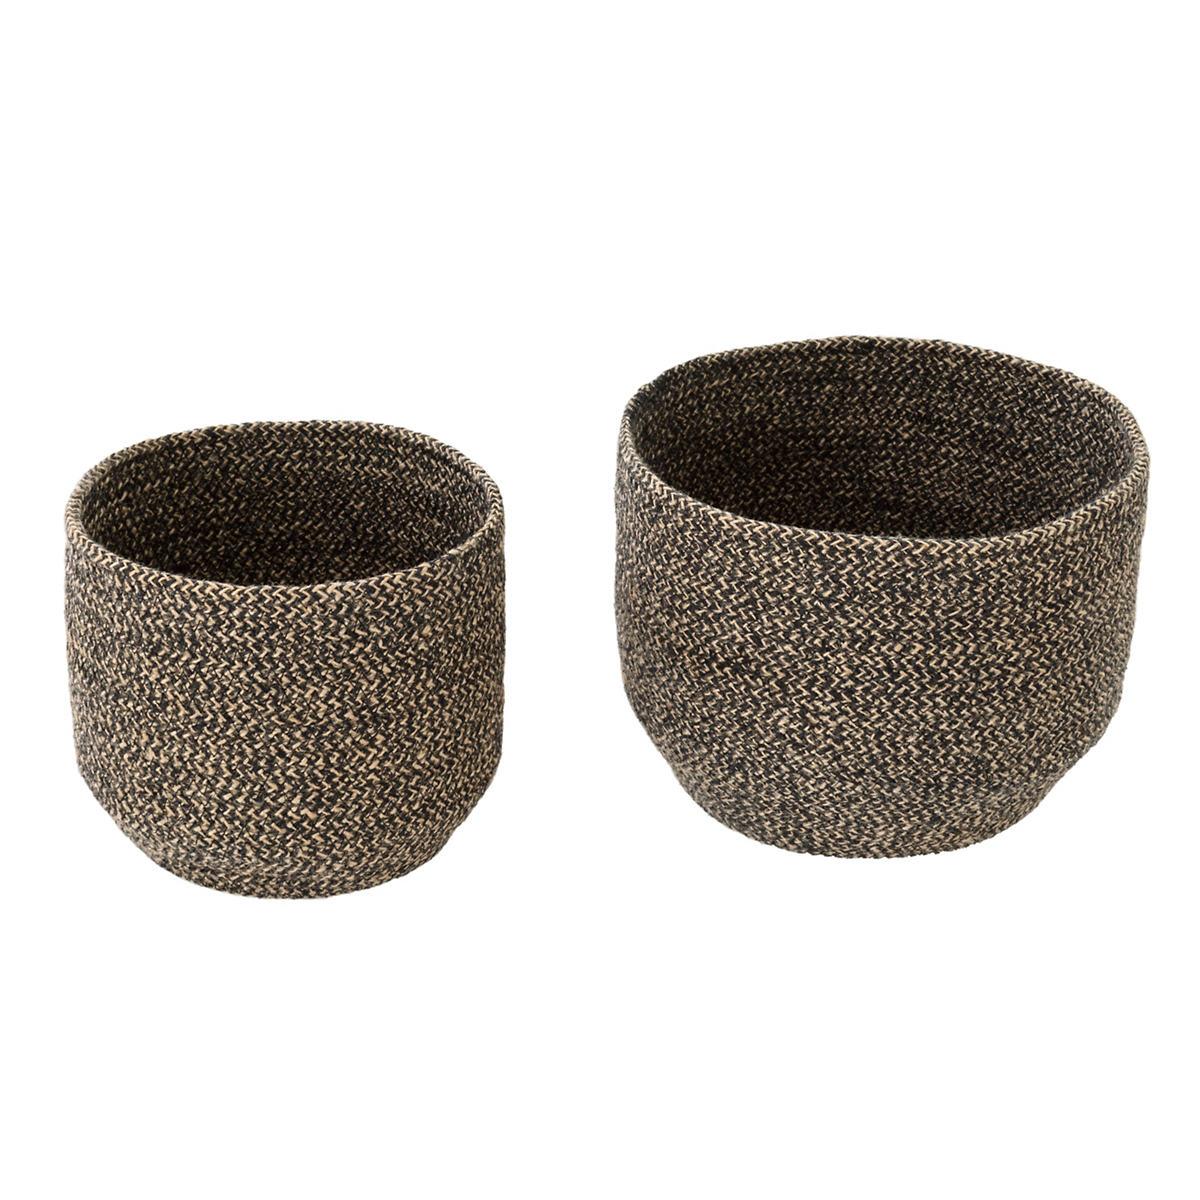 Belen Basket/Set Of 2